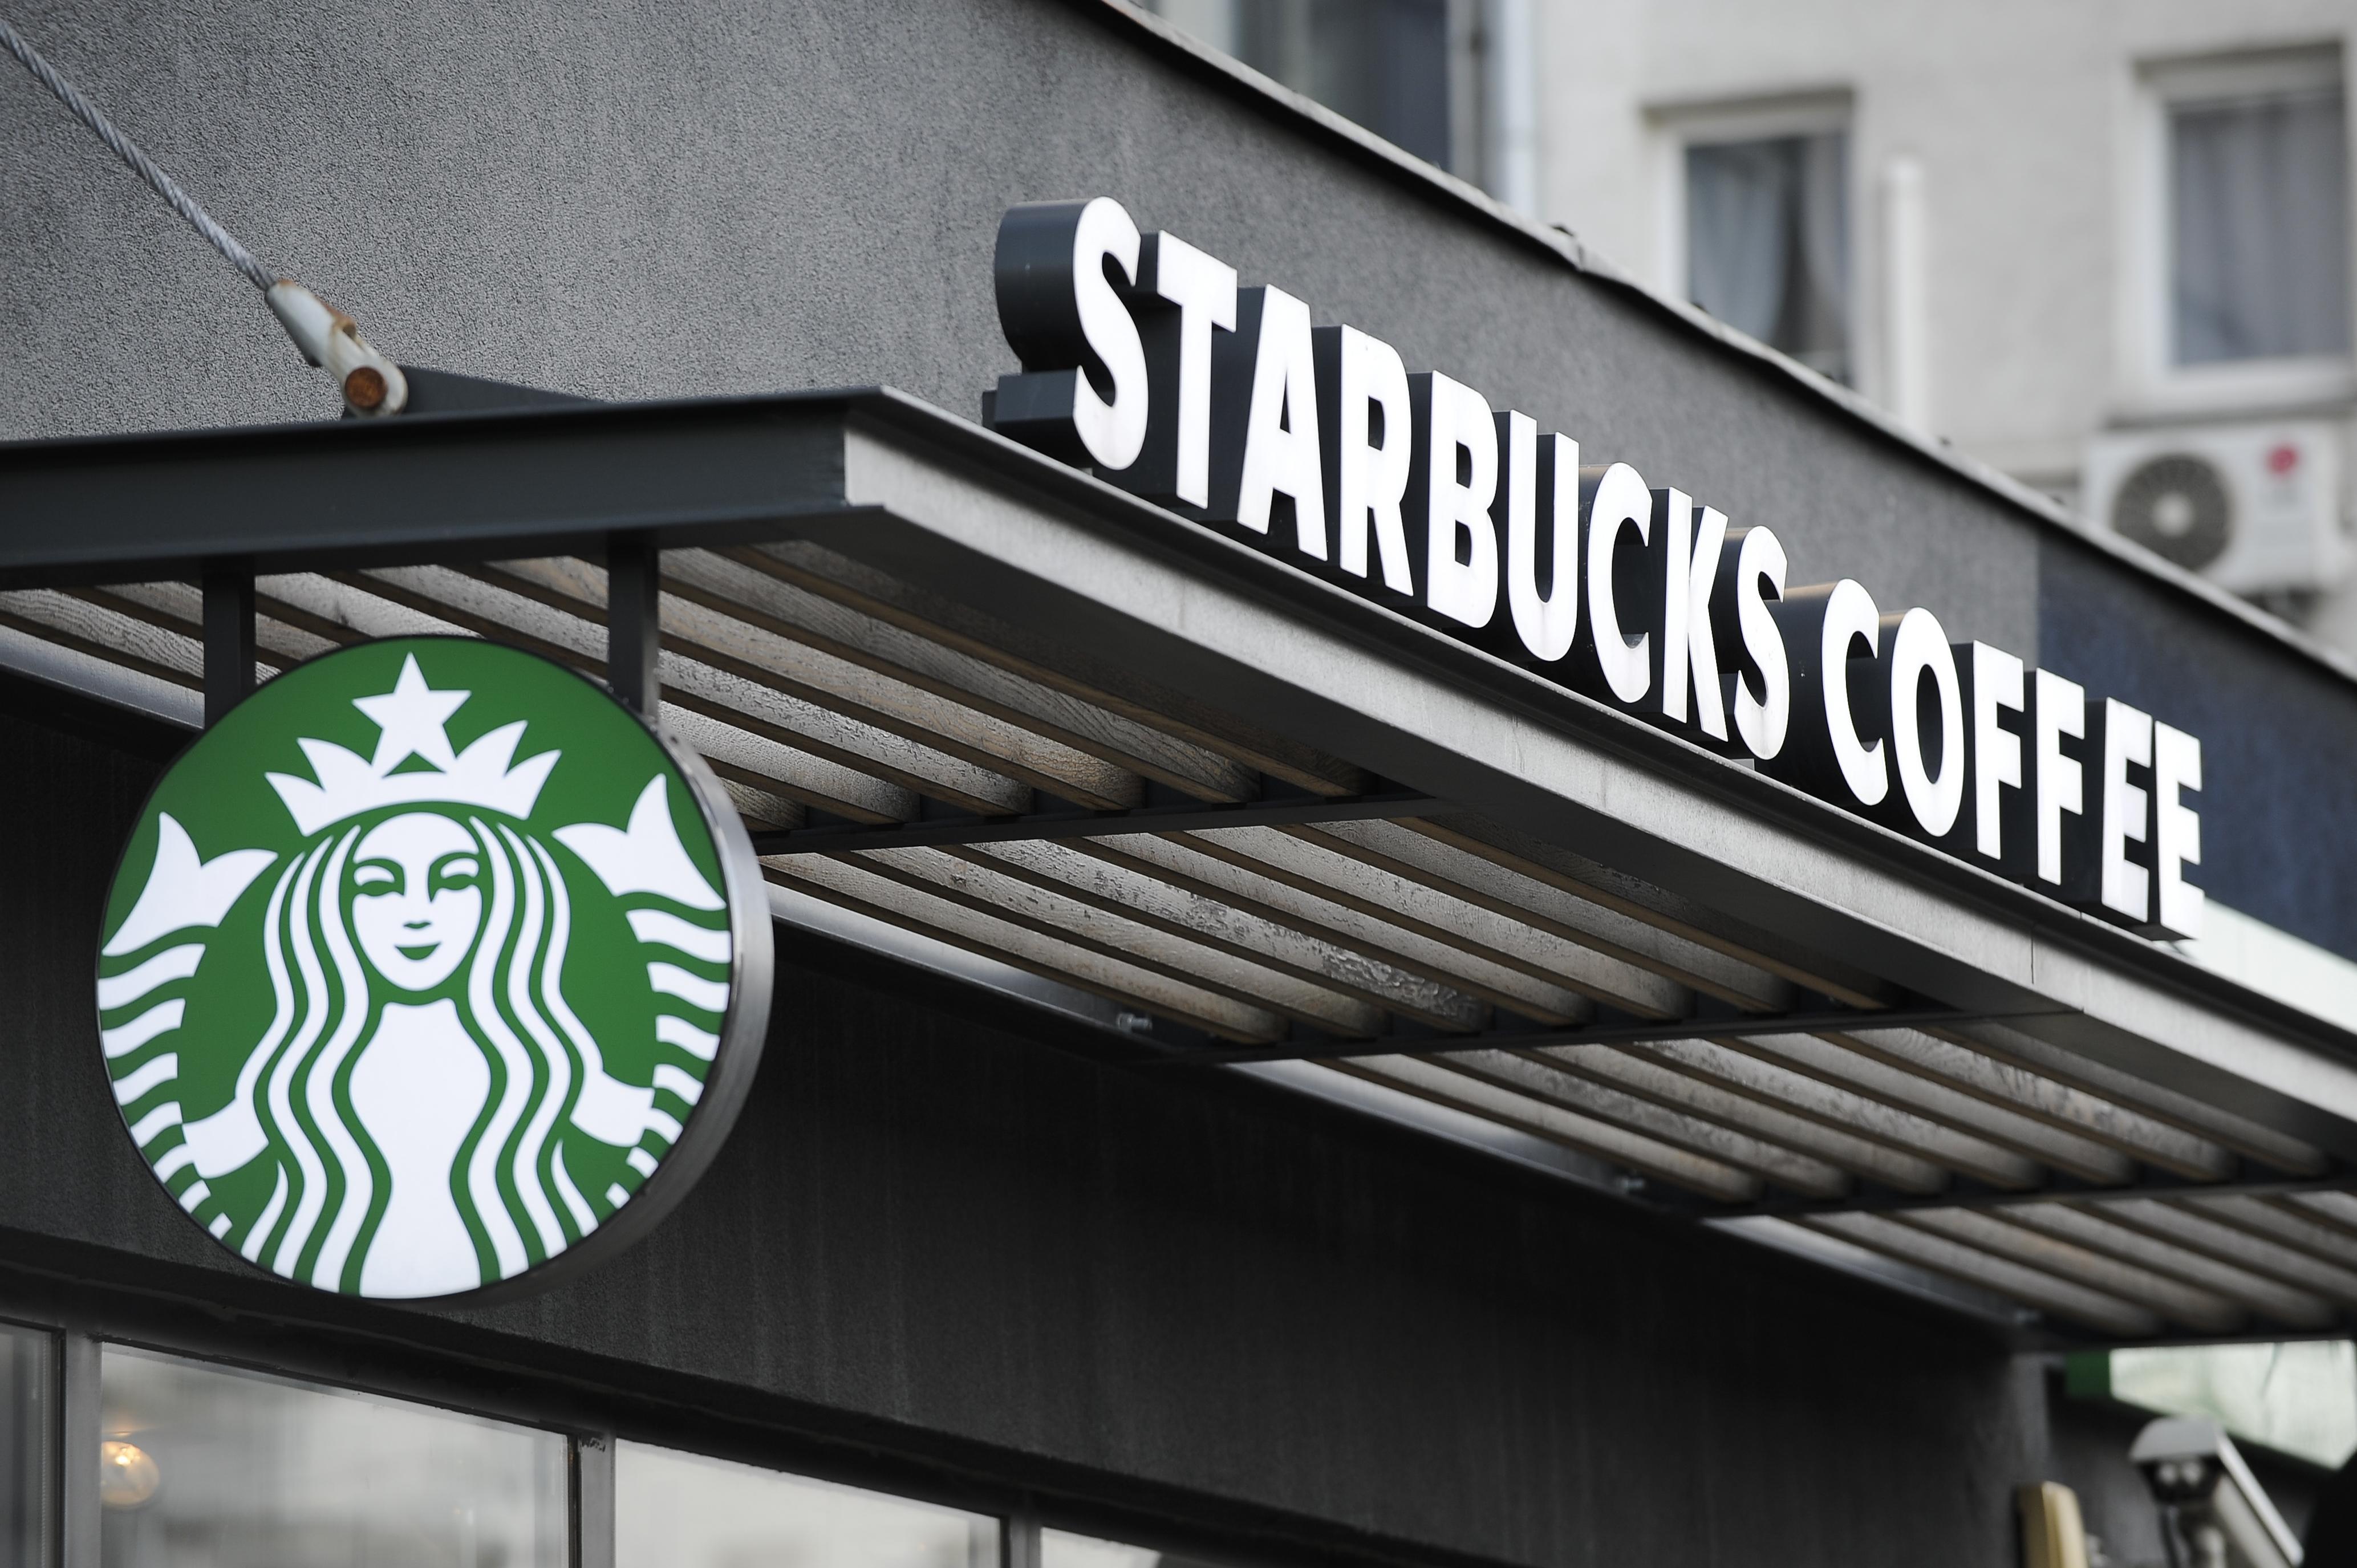 Stаrbucks відкриє кафе, де будуть працювати виключно літні працівники